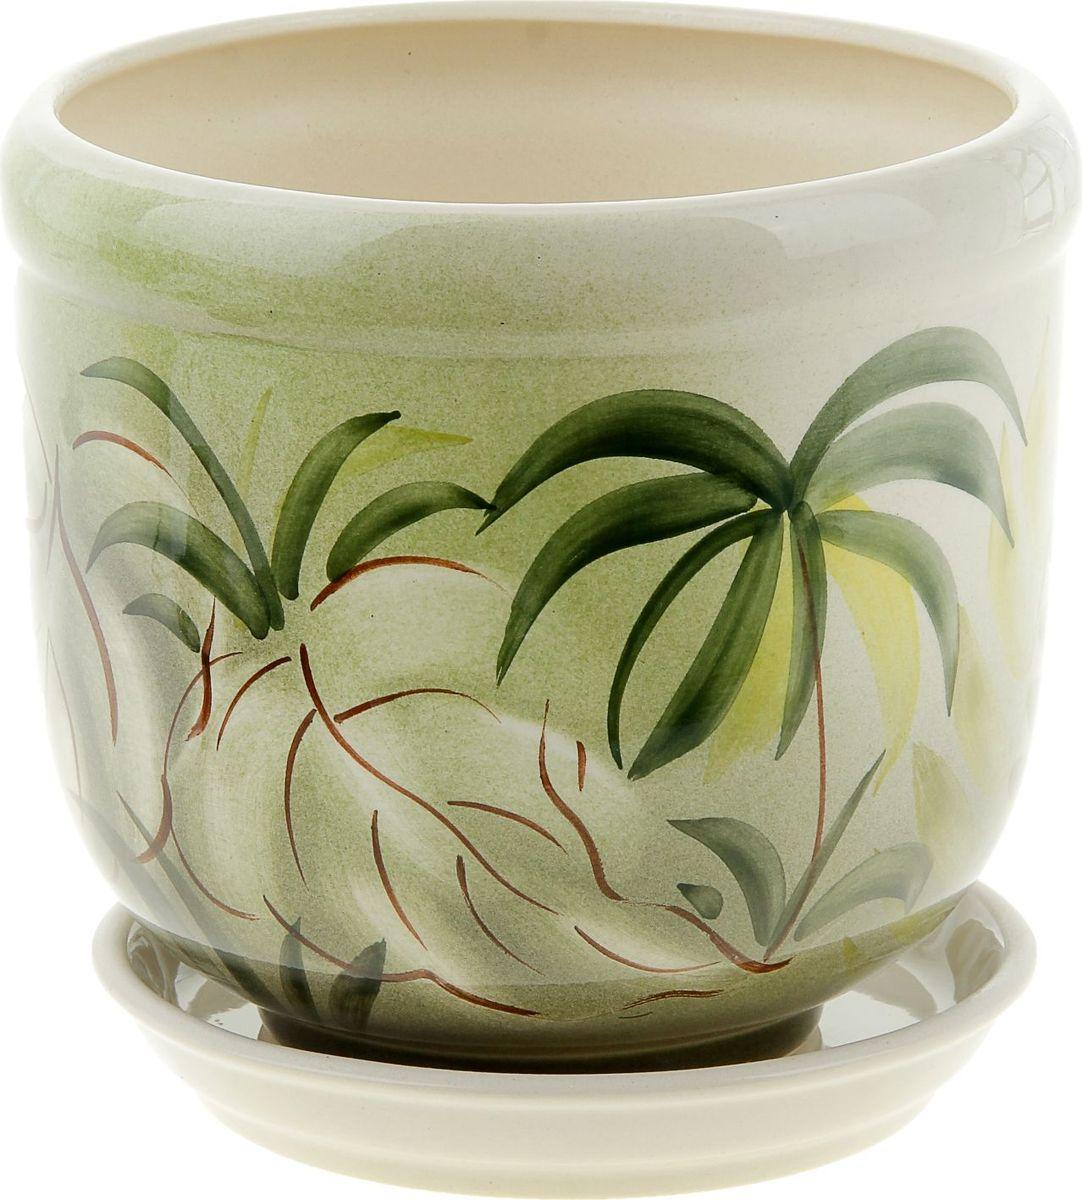 Кашпо Керамика ручной работы Ривьера. Пальмы, 2,4 л835586Комнатные растения — всеобщие любимцы. Они радуют глаз, насыщают помещение кислородом и украшают пространство. Каждому из них необходим свой удобный и красивый дом. Кашпо из керамики прекрасно подходят для высадки растений: за счёт пластичности глины и разных способов обработки существует великое множество форм и дизайновпористый материал позволяет испаряться лишней влагевоздух, необходимый для дыхания корней, проникает сквозь керамические стенки! #name# позаботится о зелёном питомце, освежит интерьер и подчеркнёт его стиль.